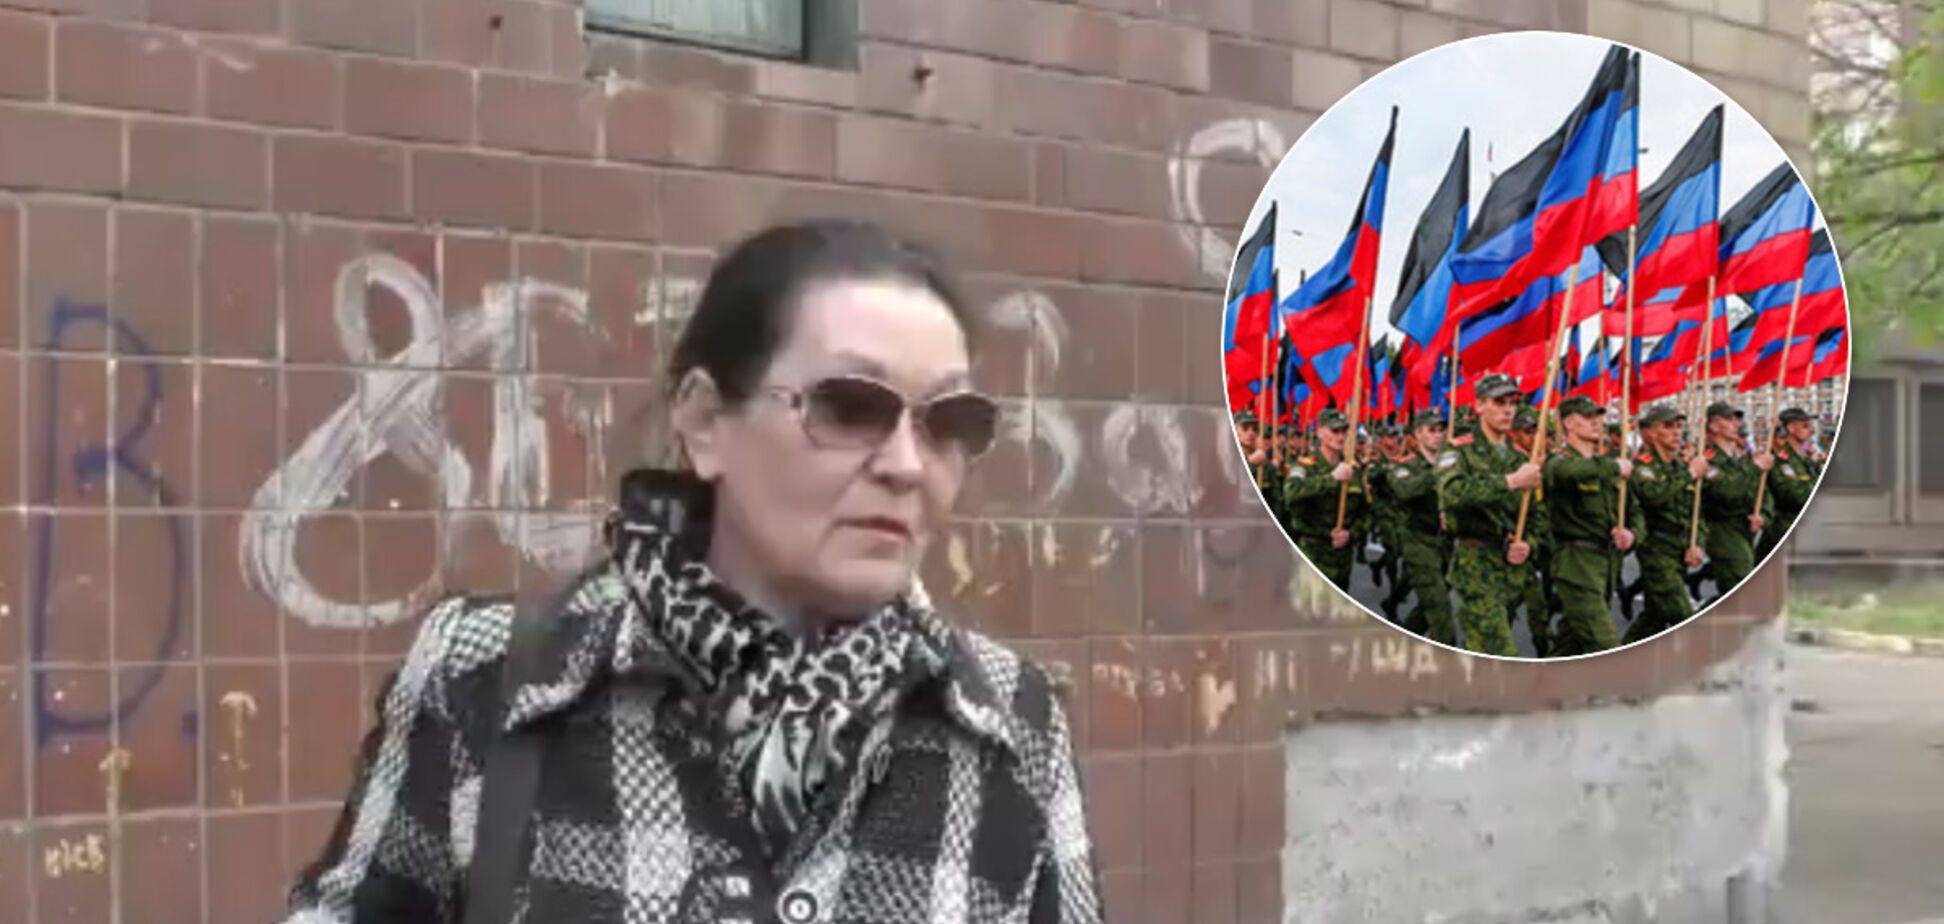 Жительница 'ДНР' рассказала, как оккупанты выгнали их на улицу